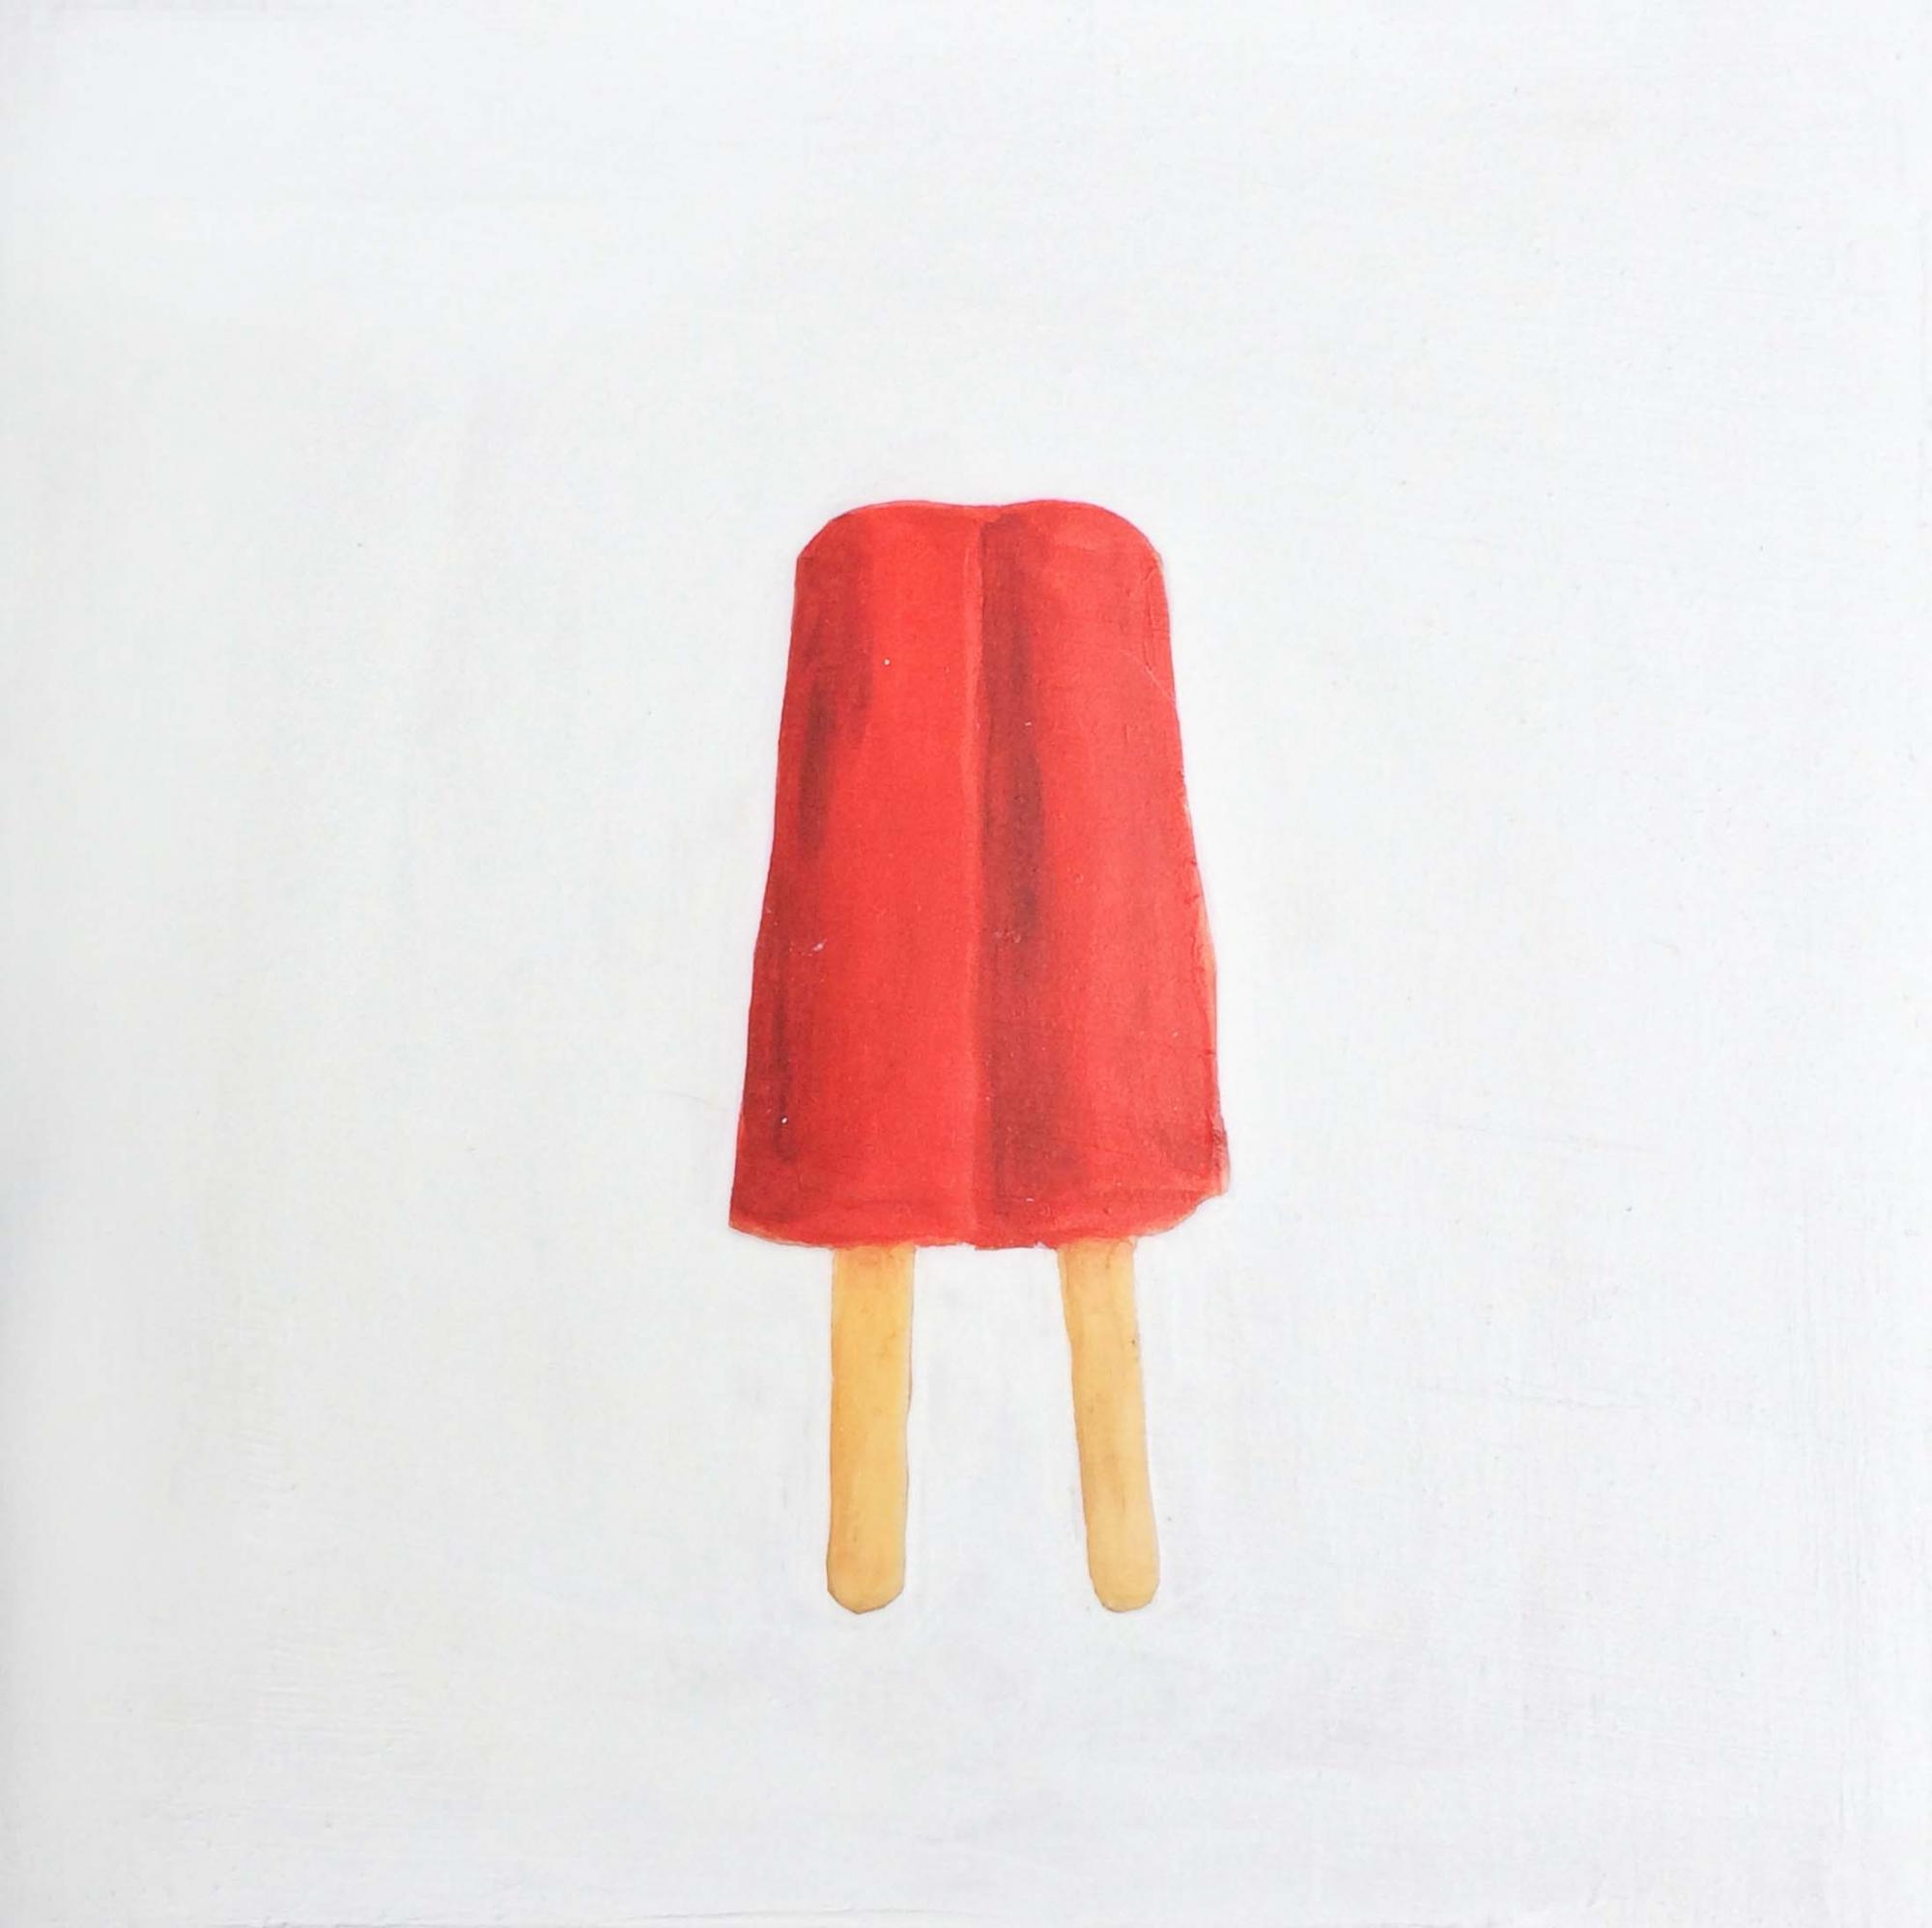 Red Ice Pop by EM V